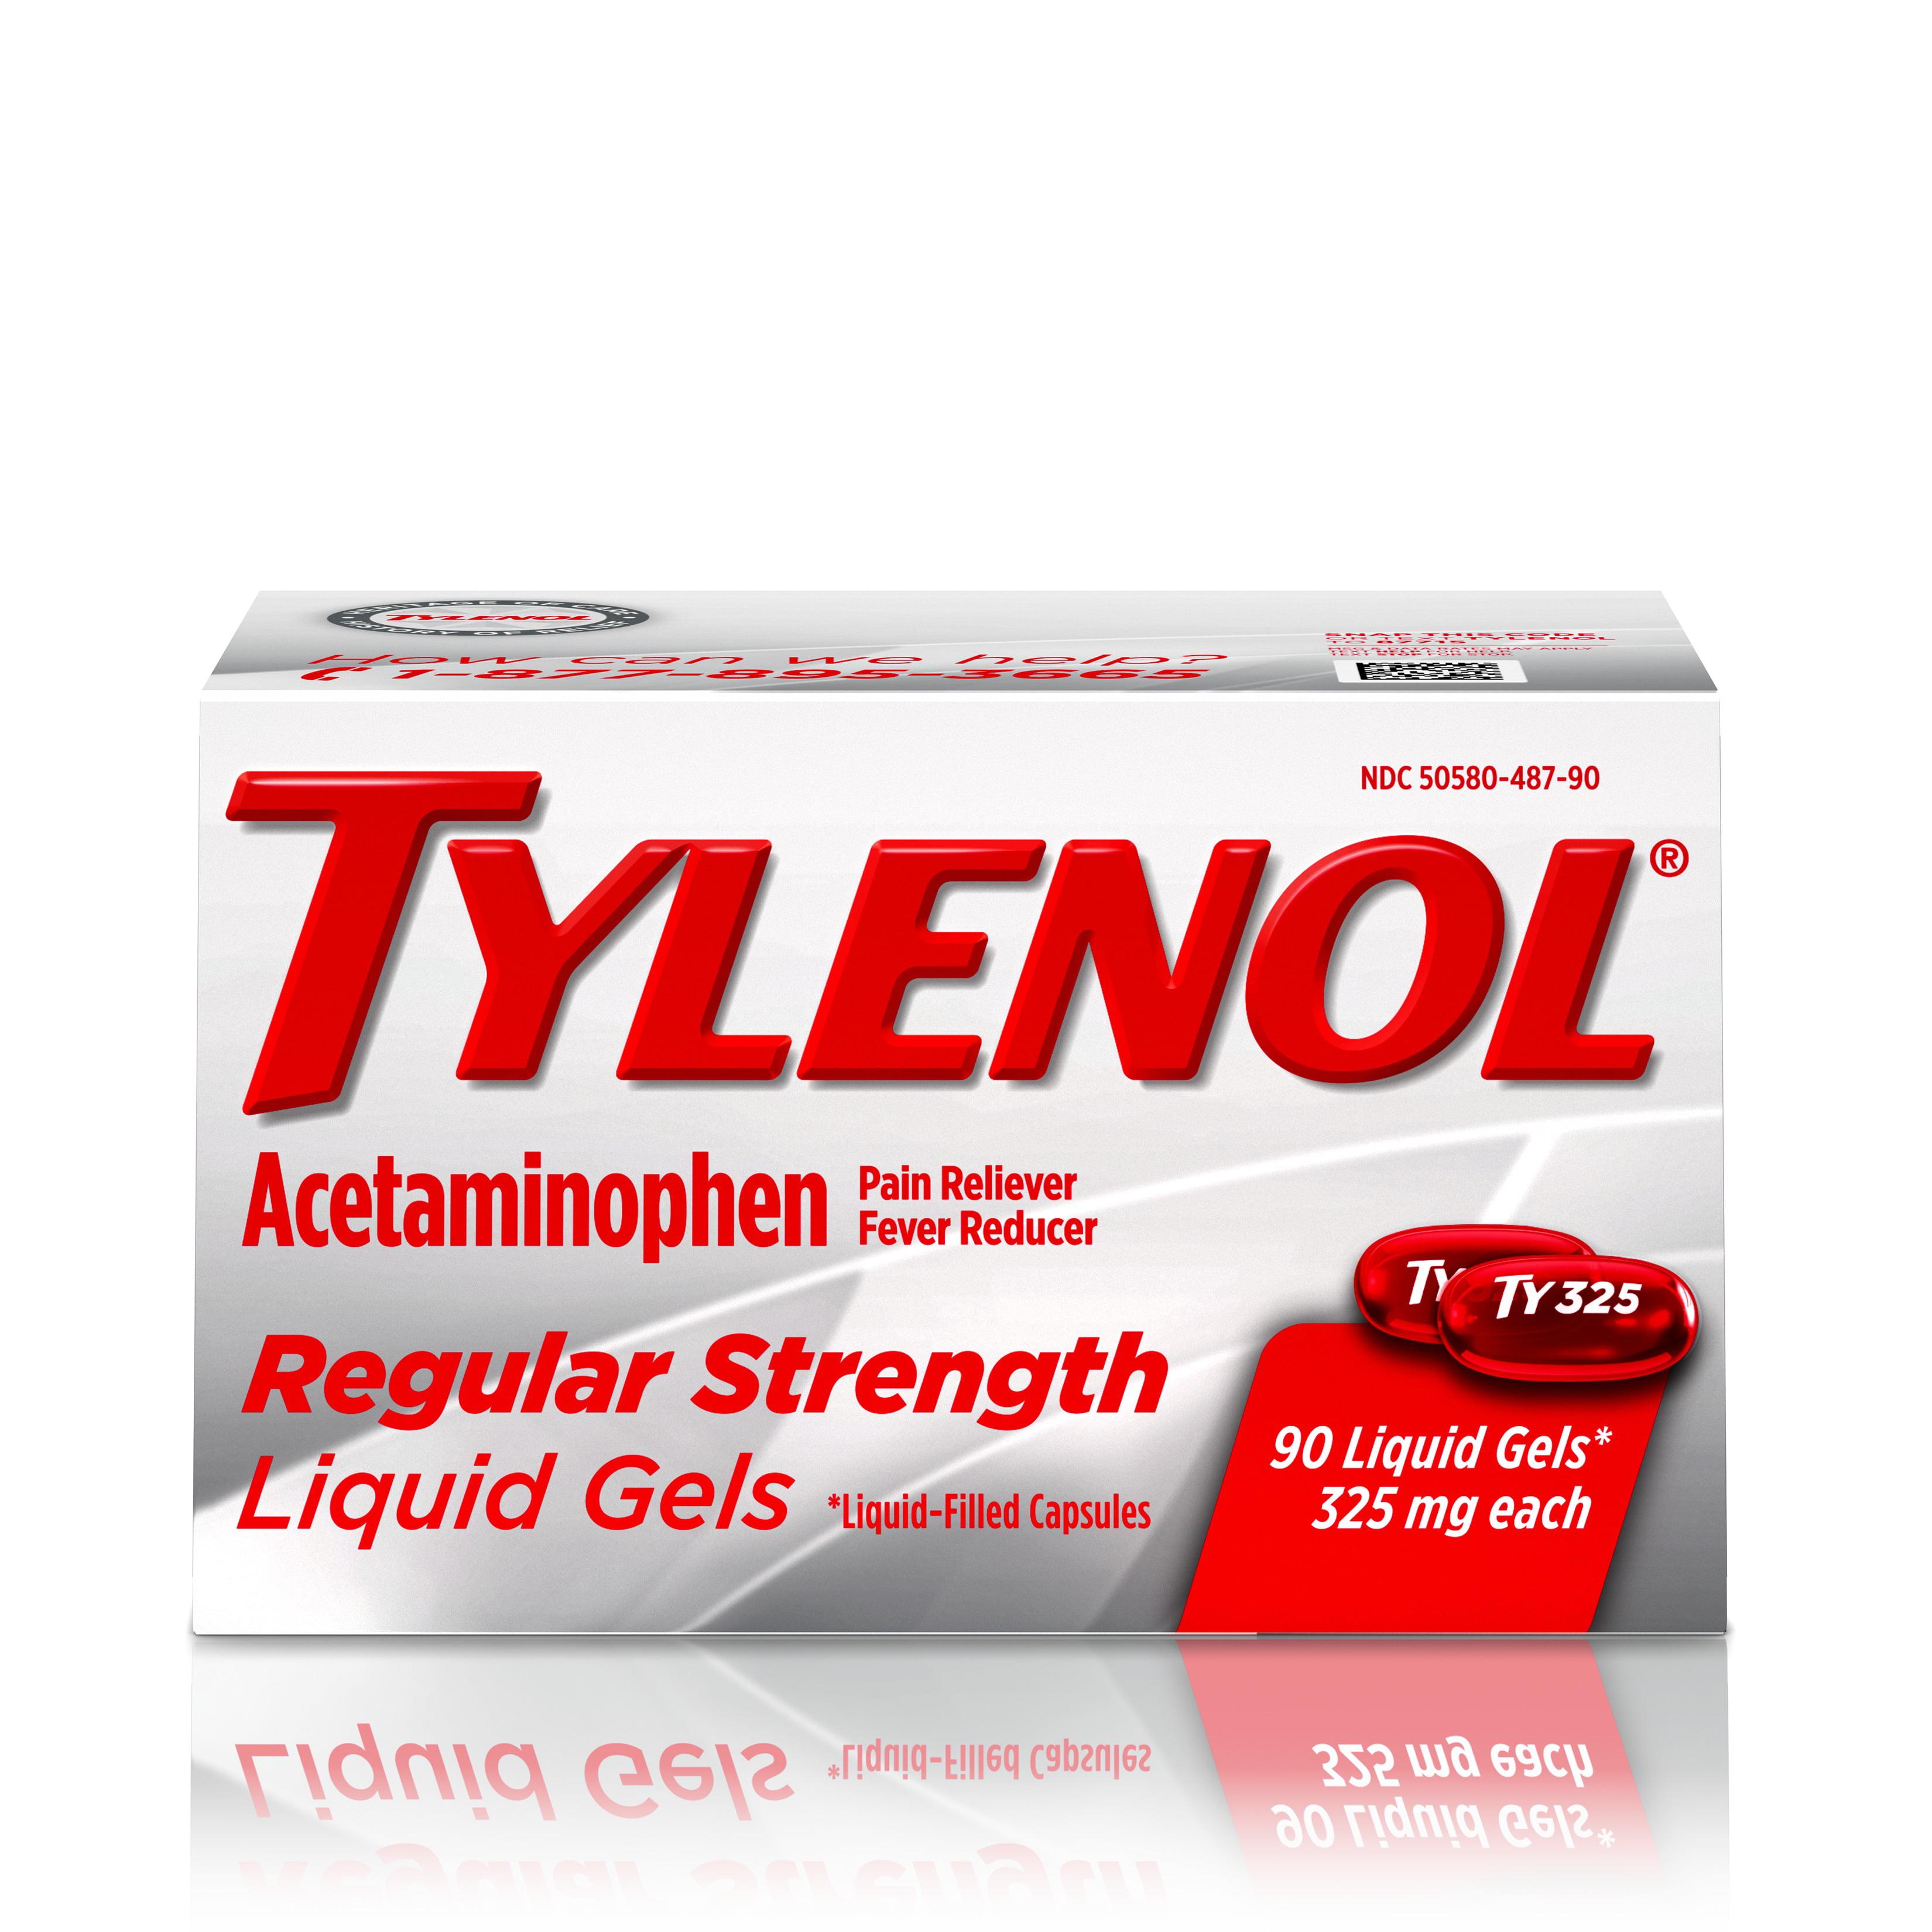 Tylenol Regular Strength Liquid Gels with 325 mg Acetaminophen, 90 ct